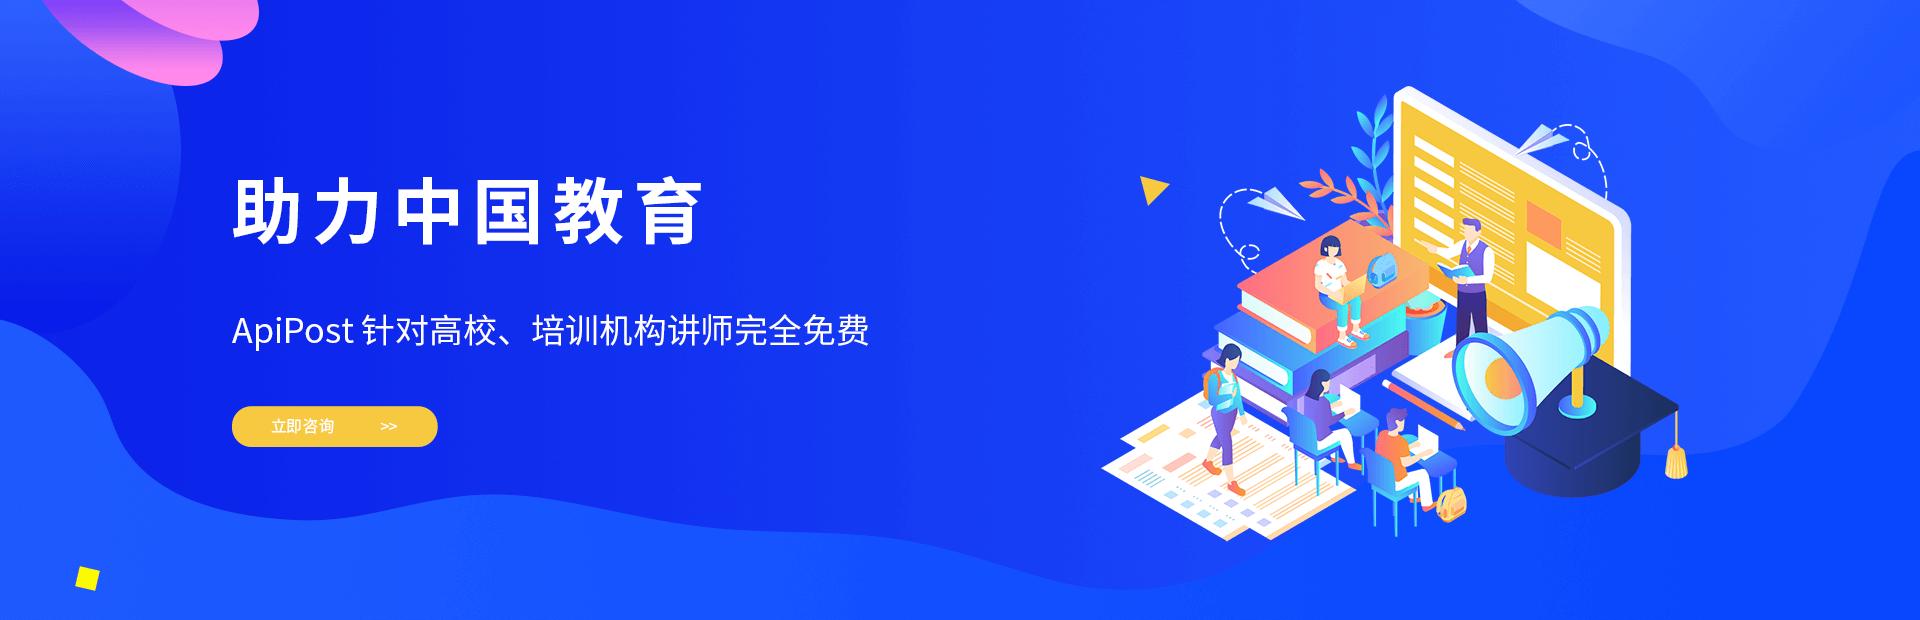 中文接口调试工具,助力中国教育事业